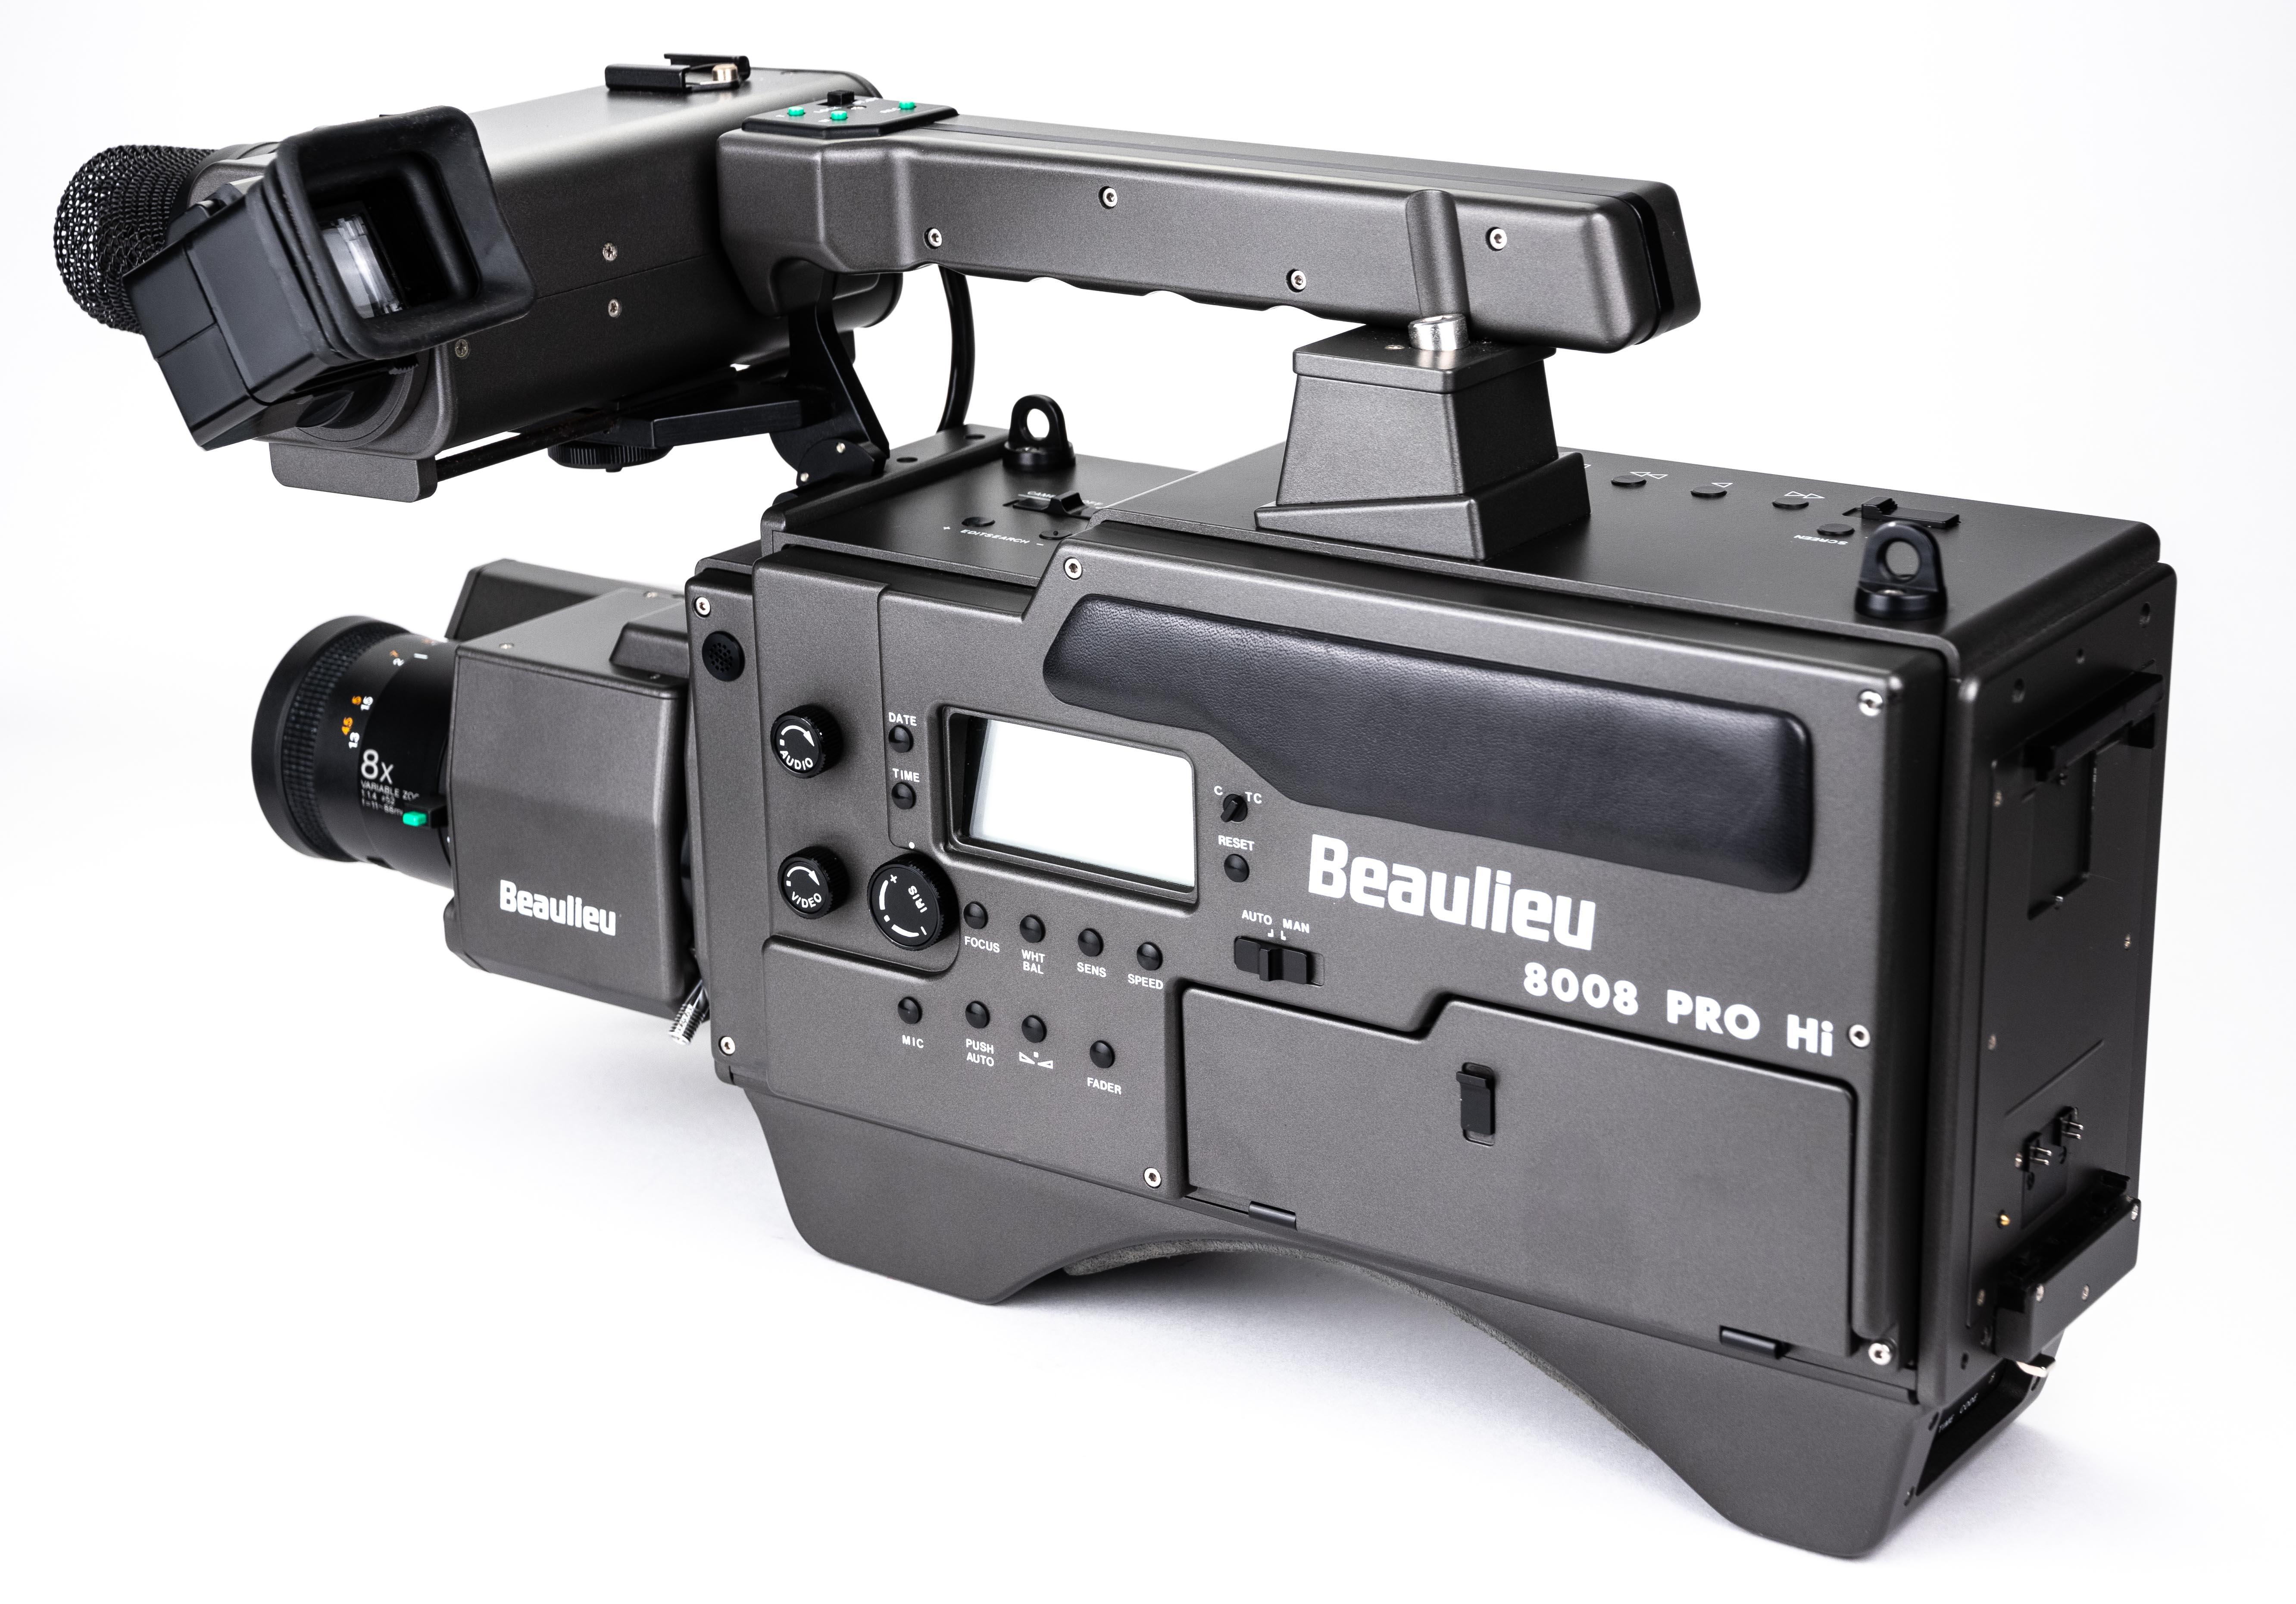 Beaulieu 8008 Pro Hi-5